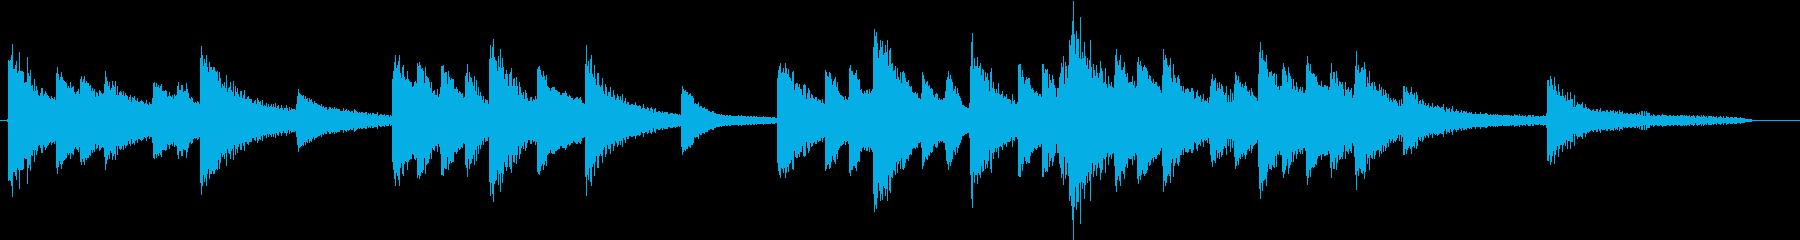 四季より「冬」モチーフのピアノジングルCの再生済みの波形